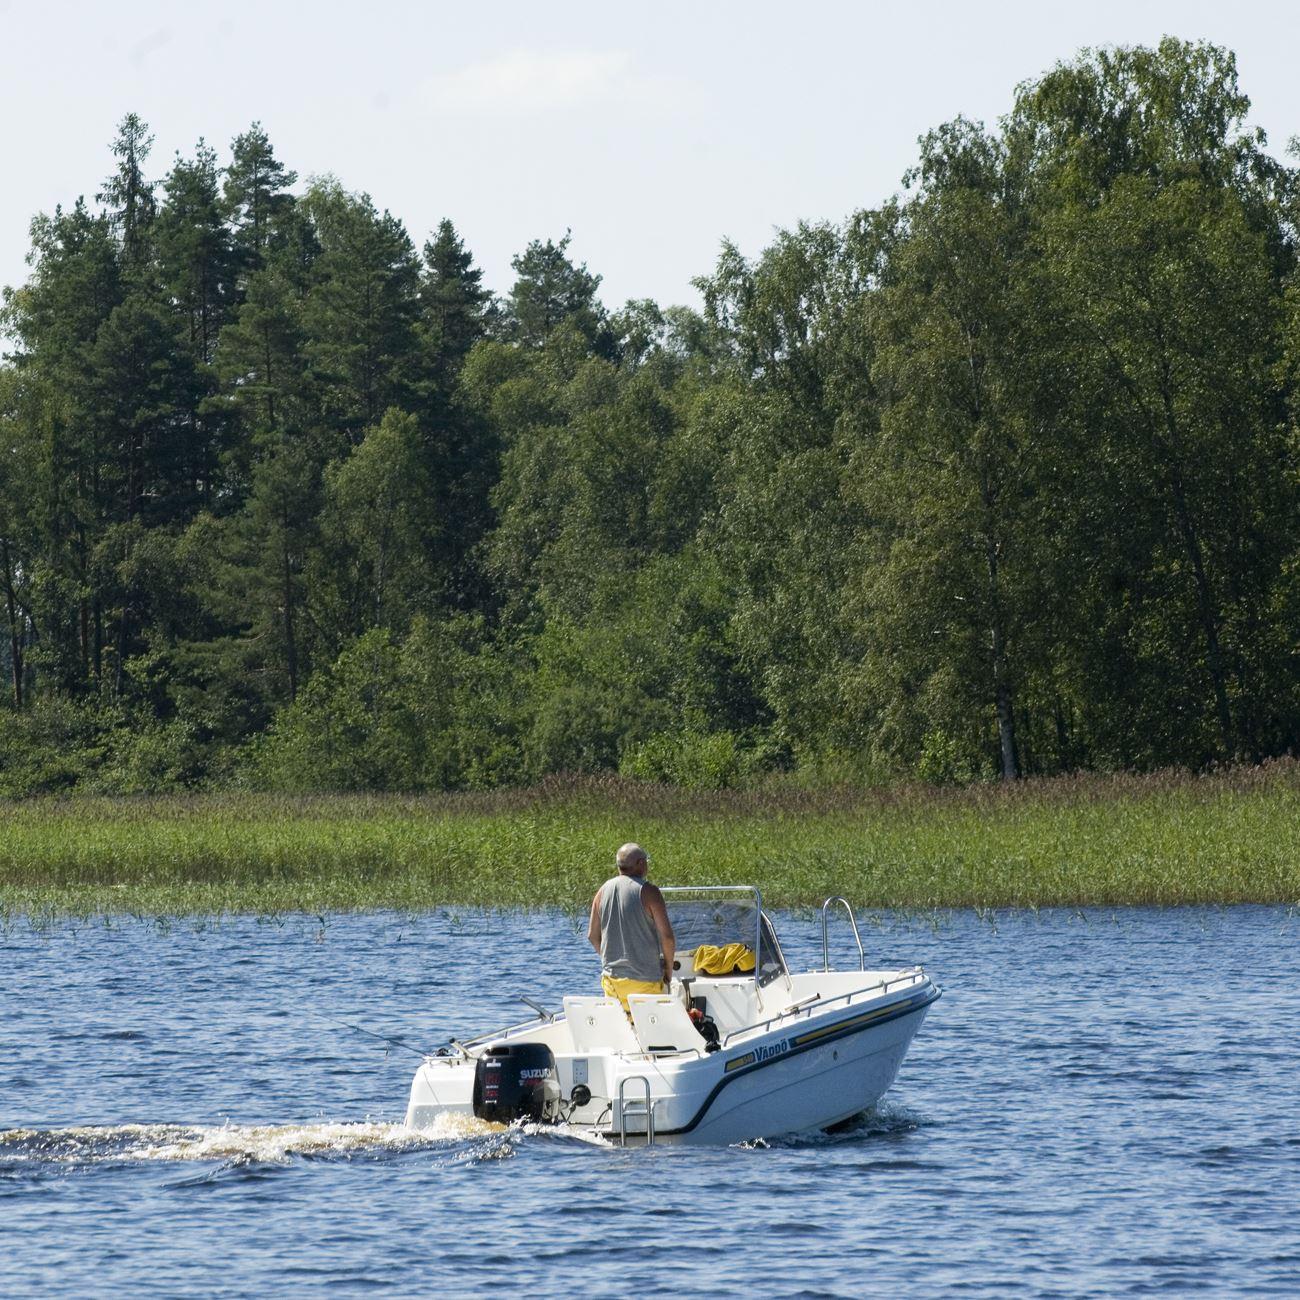 Foto: Smålandsbilder.se,  © Värnamo Näringsliv AB , Fiske i sjön Hindsen